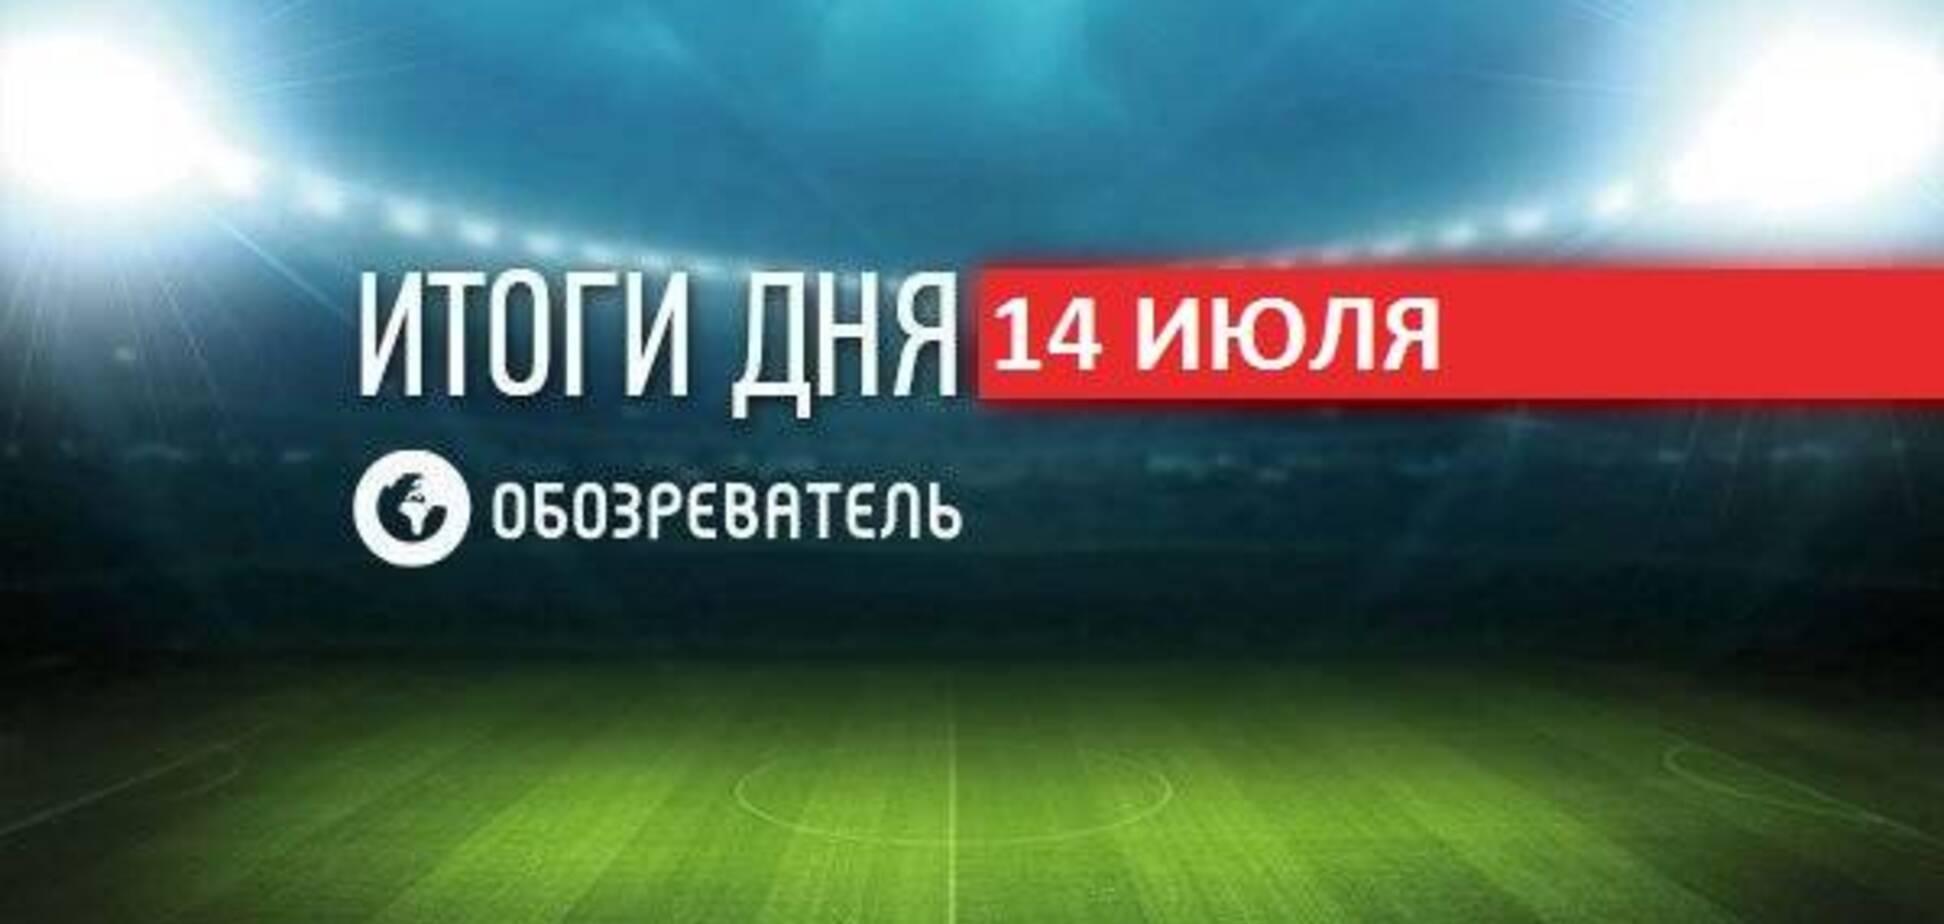 Малиновский забил победный гол в Серии А: спортивные итоги 14 июля